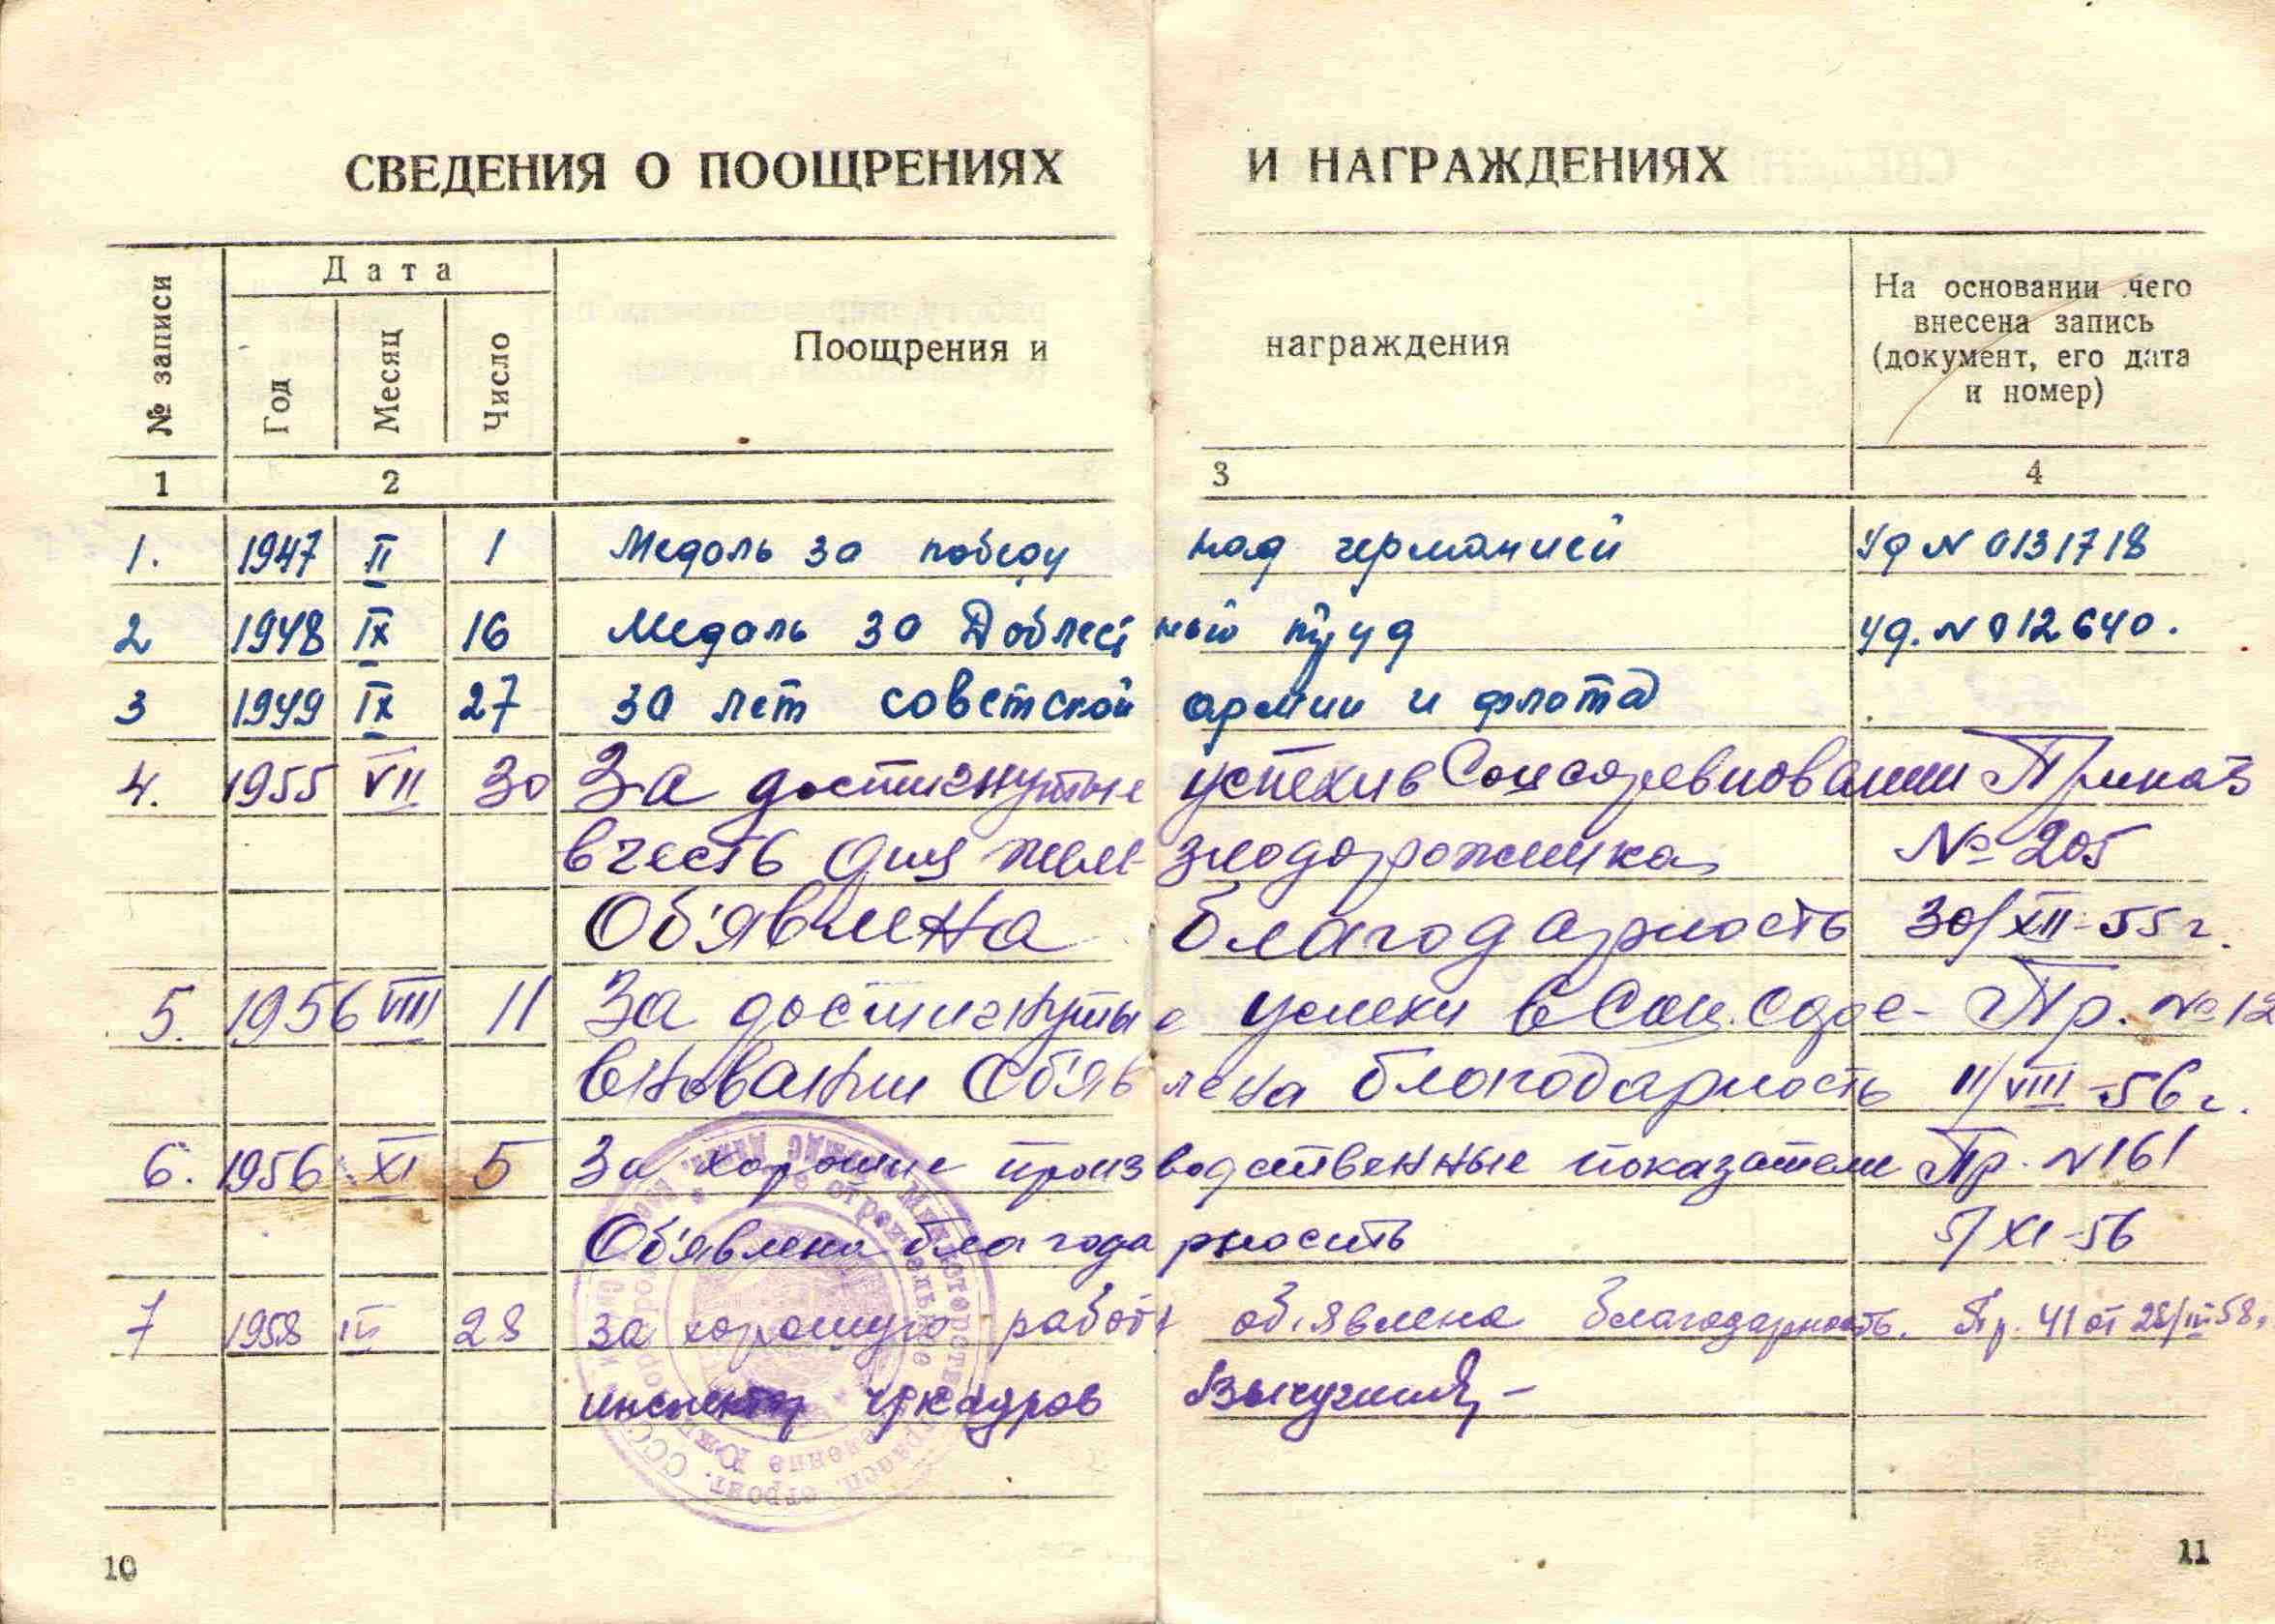 32. Трудовая книжка Барыкина ПП, 1951.